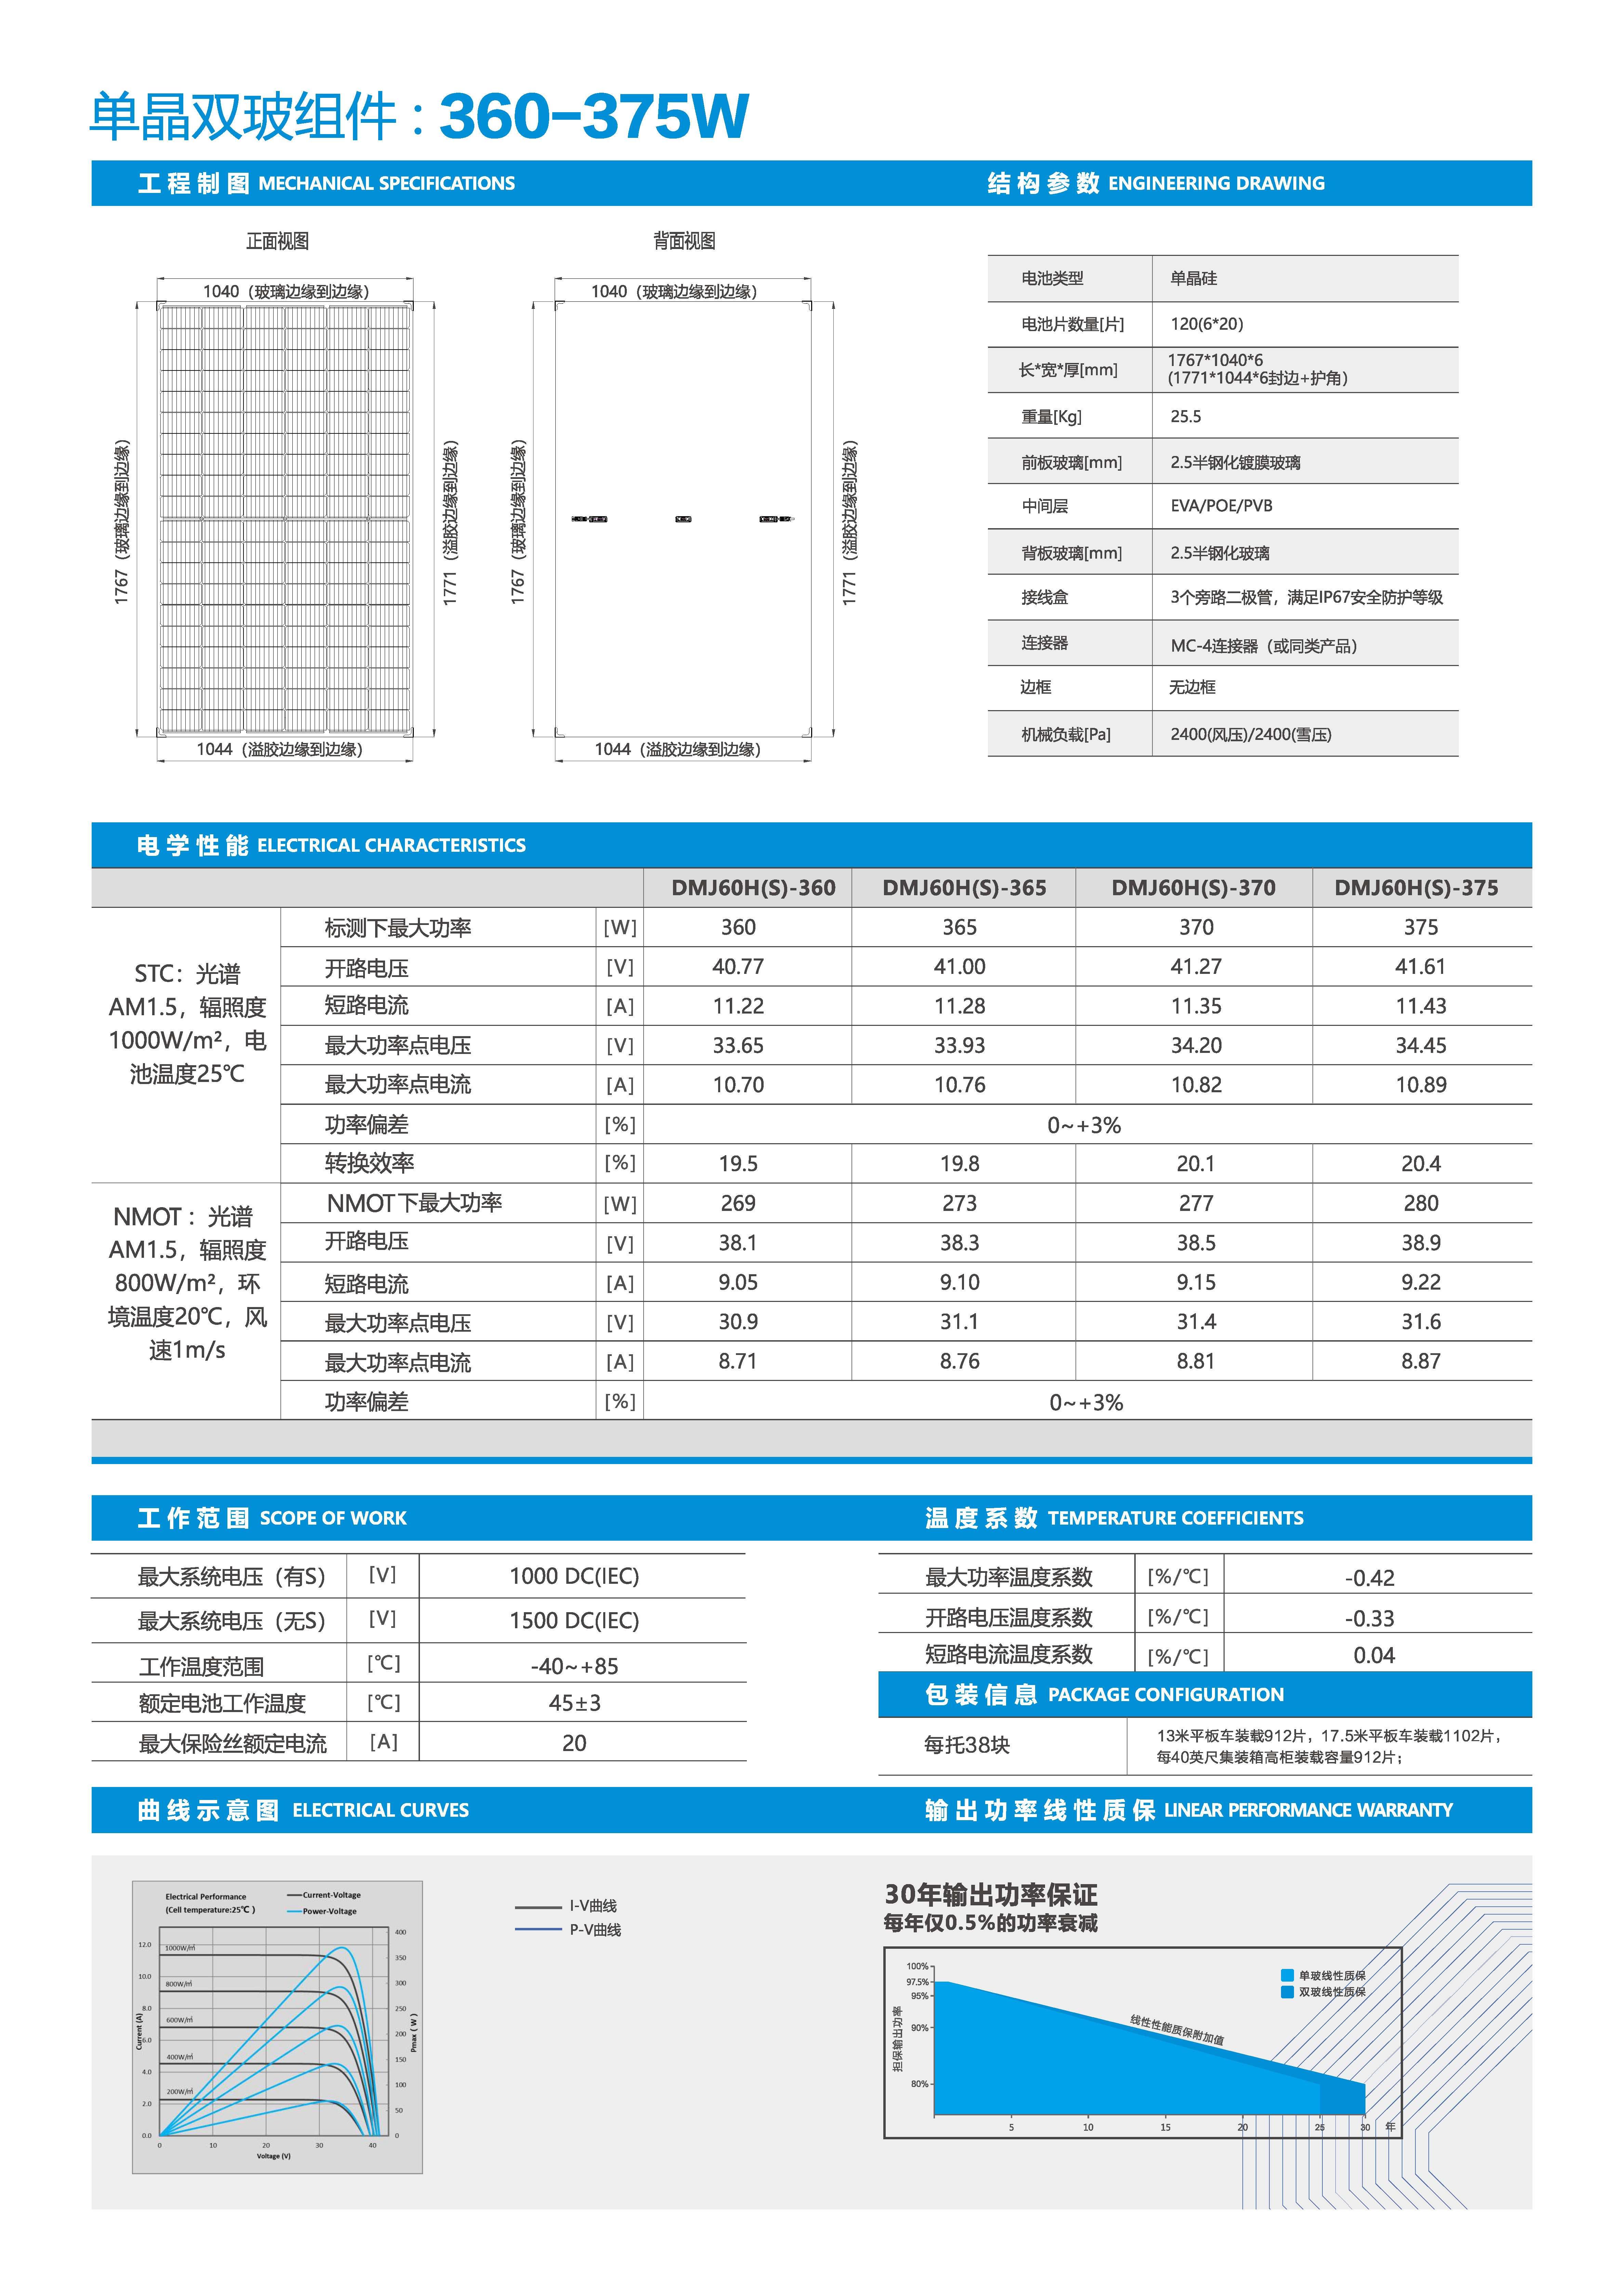 DMJ60H(S)-360-375